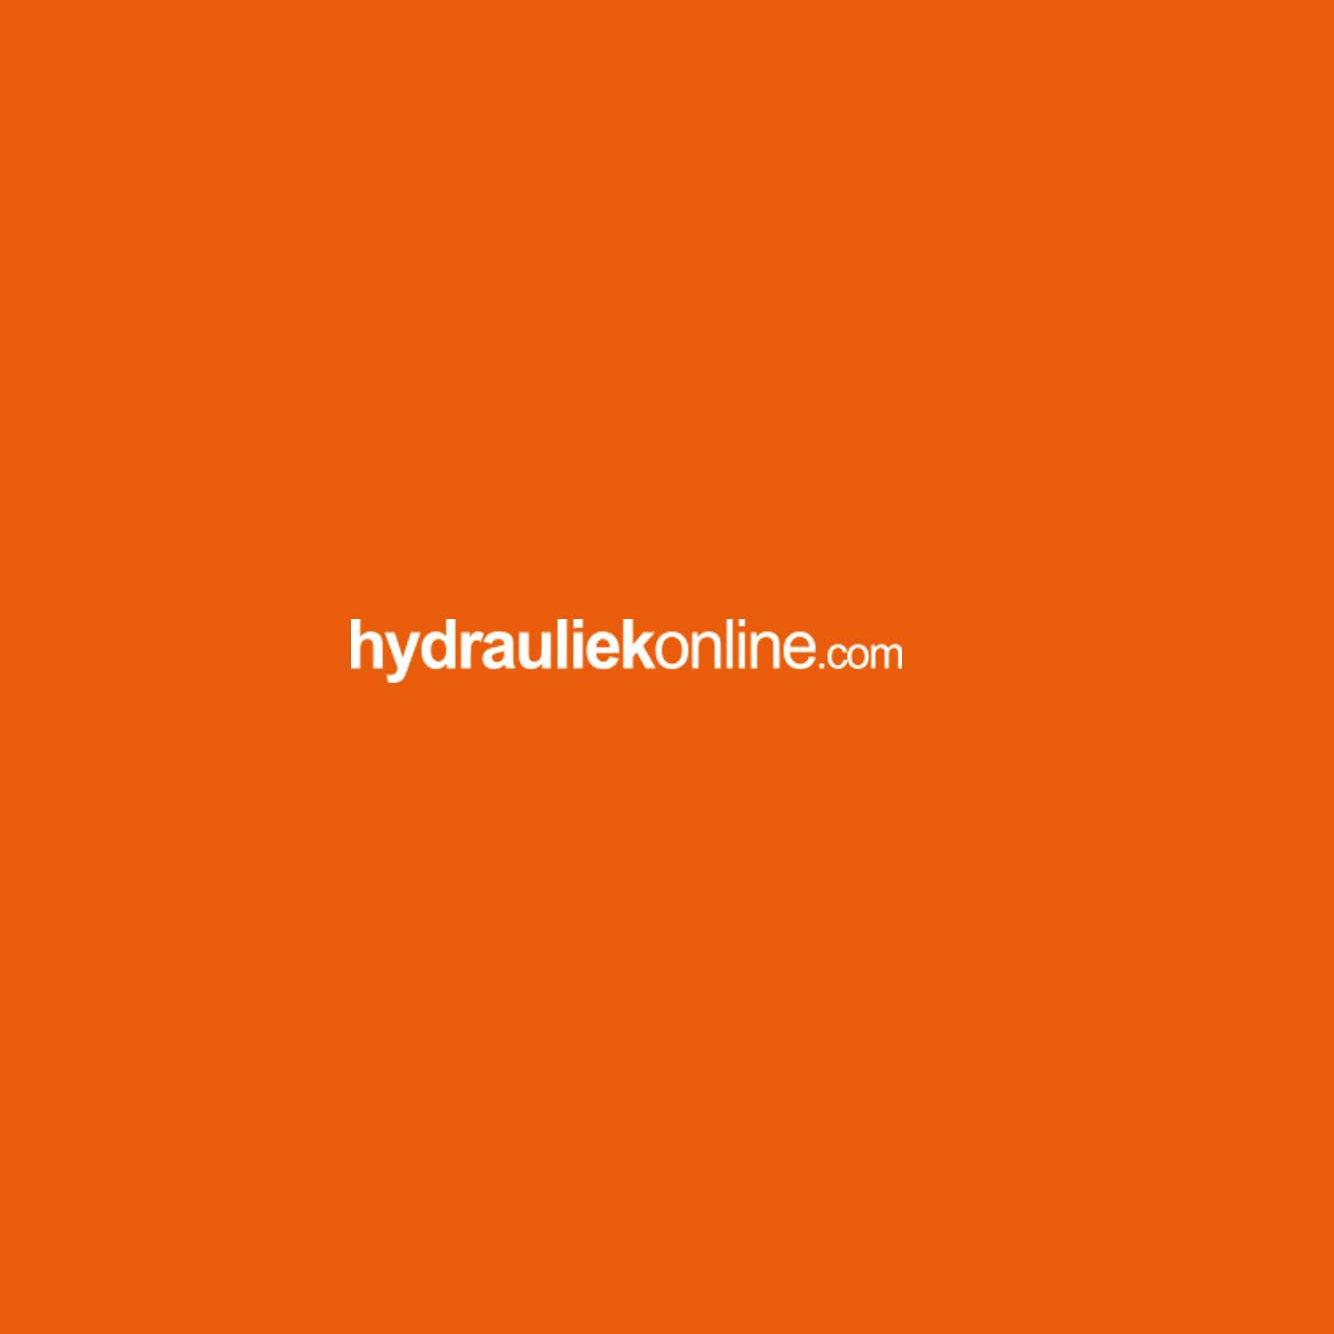 hydrauliek-online-6568.jpg